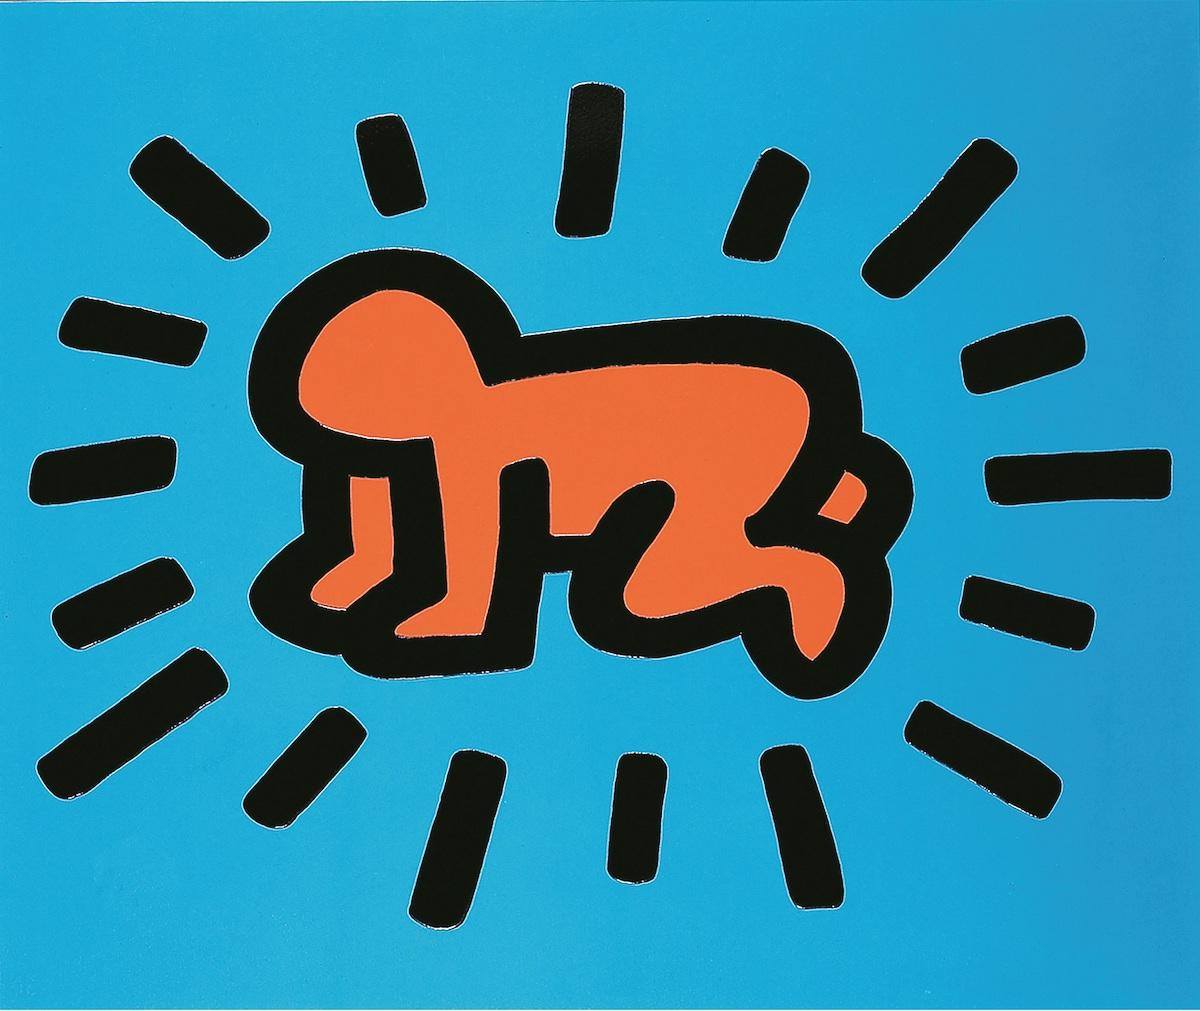 キース・へリング《イコンズ》1990年、中村キース・ヘリング美術館蔵 Keith Haring Artwork ©Keith Haring Foundation Courtesy of Nakamura Keith Haring Collection.